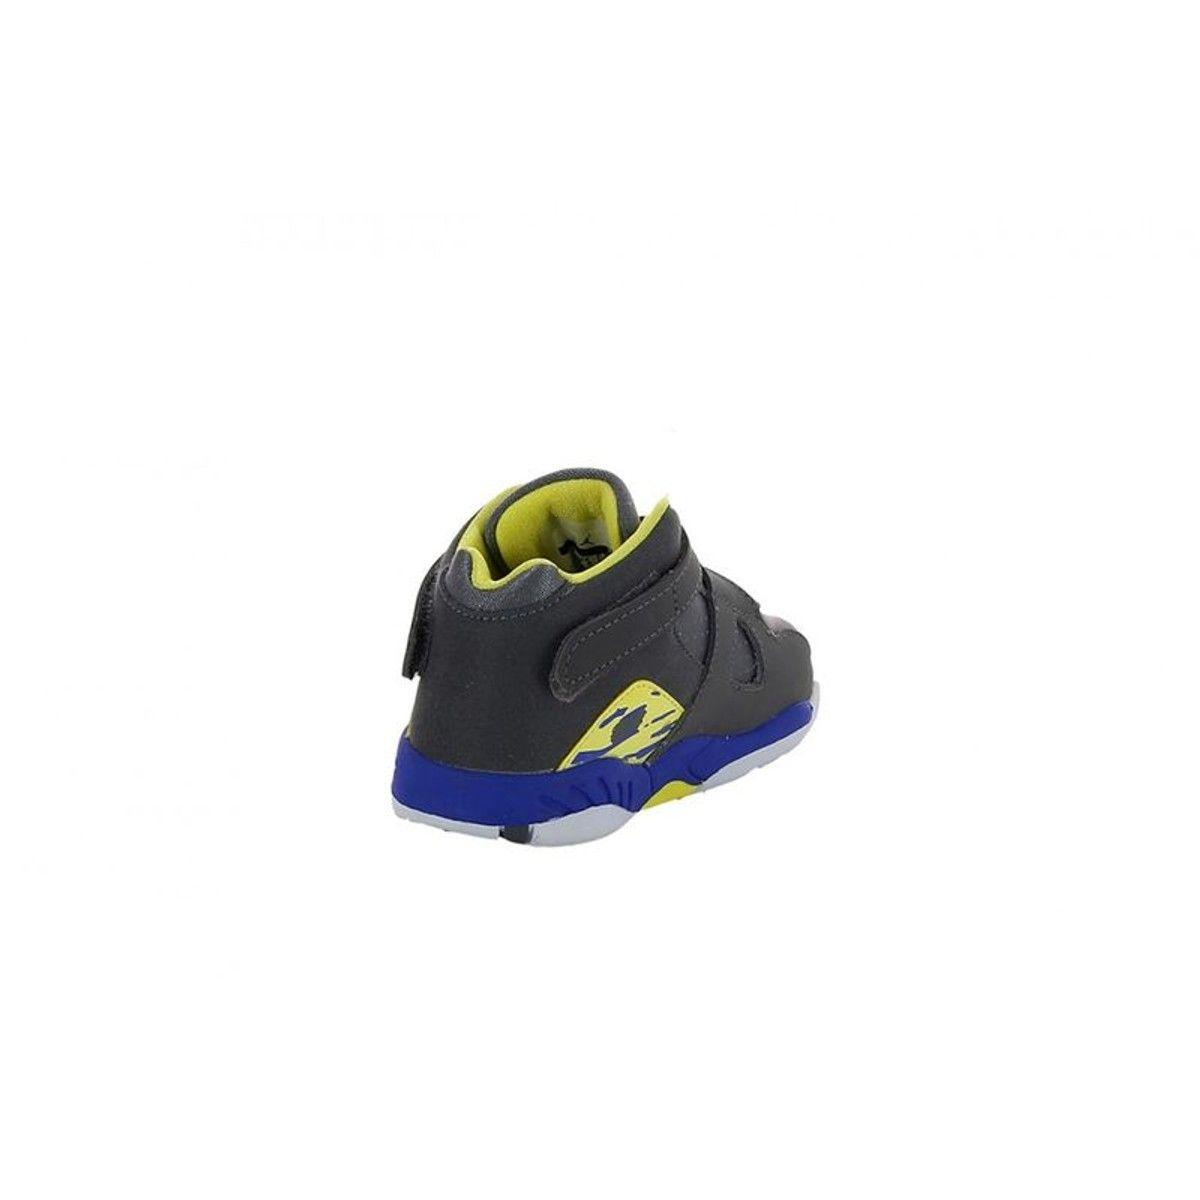 meilleur authentique 1f45e 04da5 Basket Air Jordan 8 Retro Bébé - Taille : 22 | Products ...